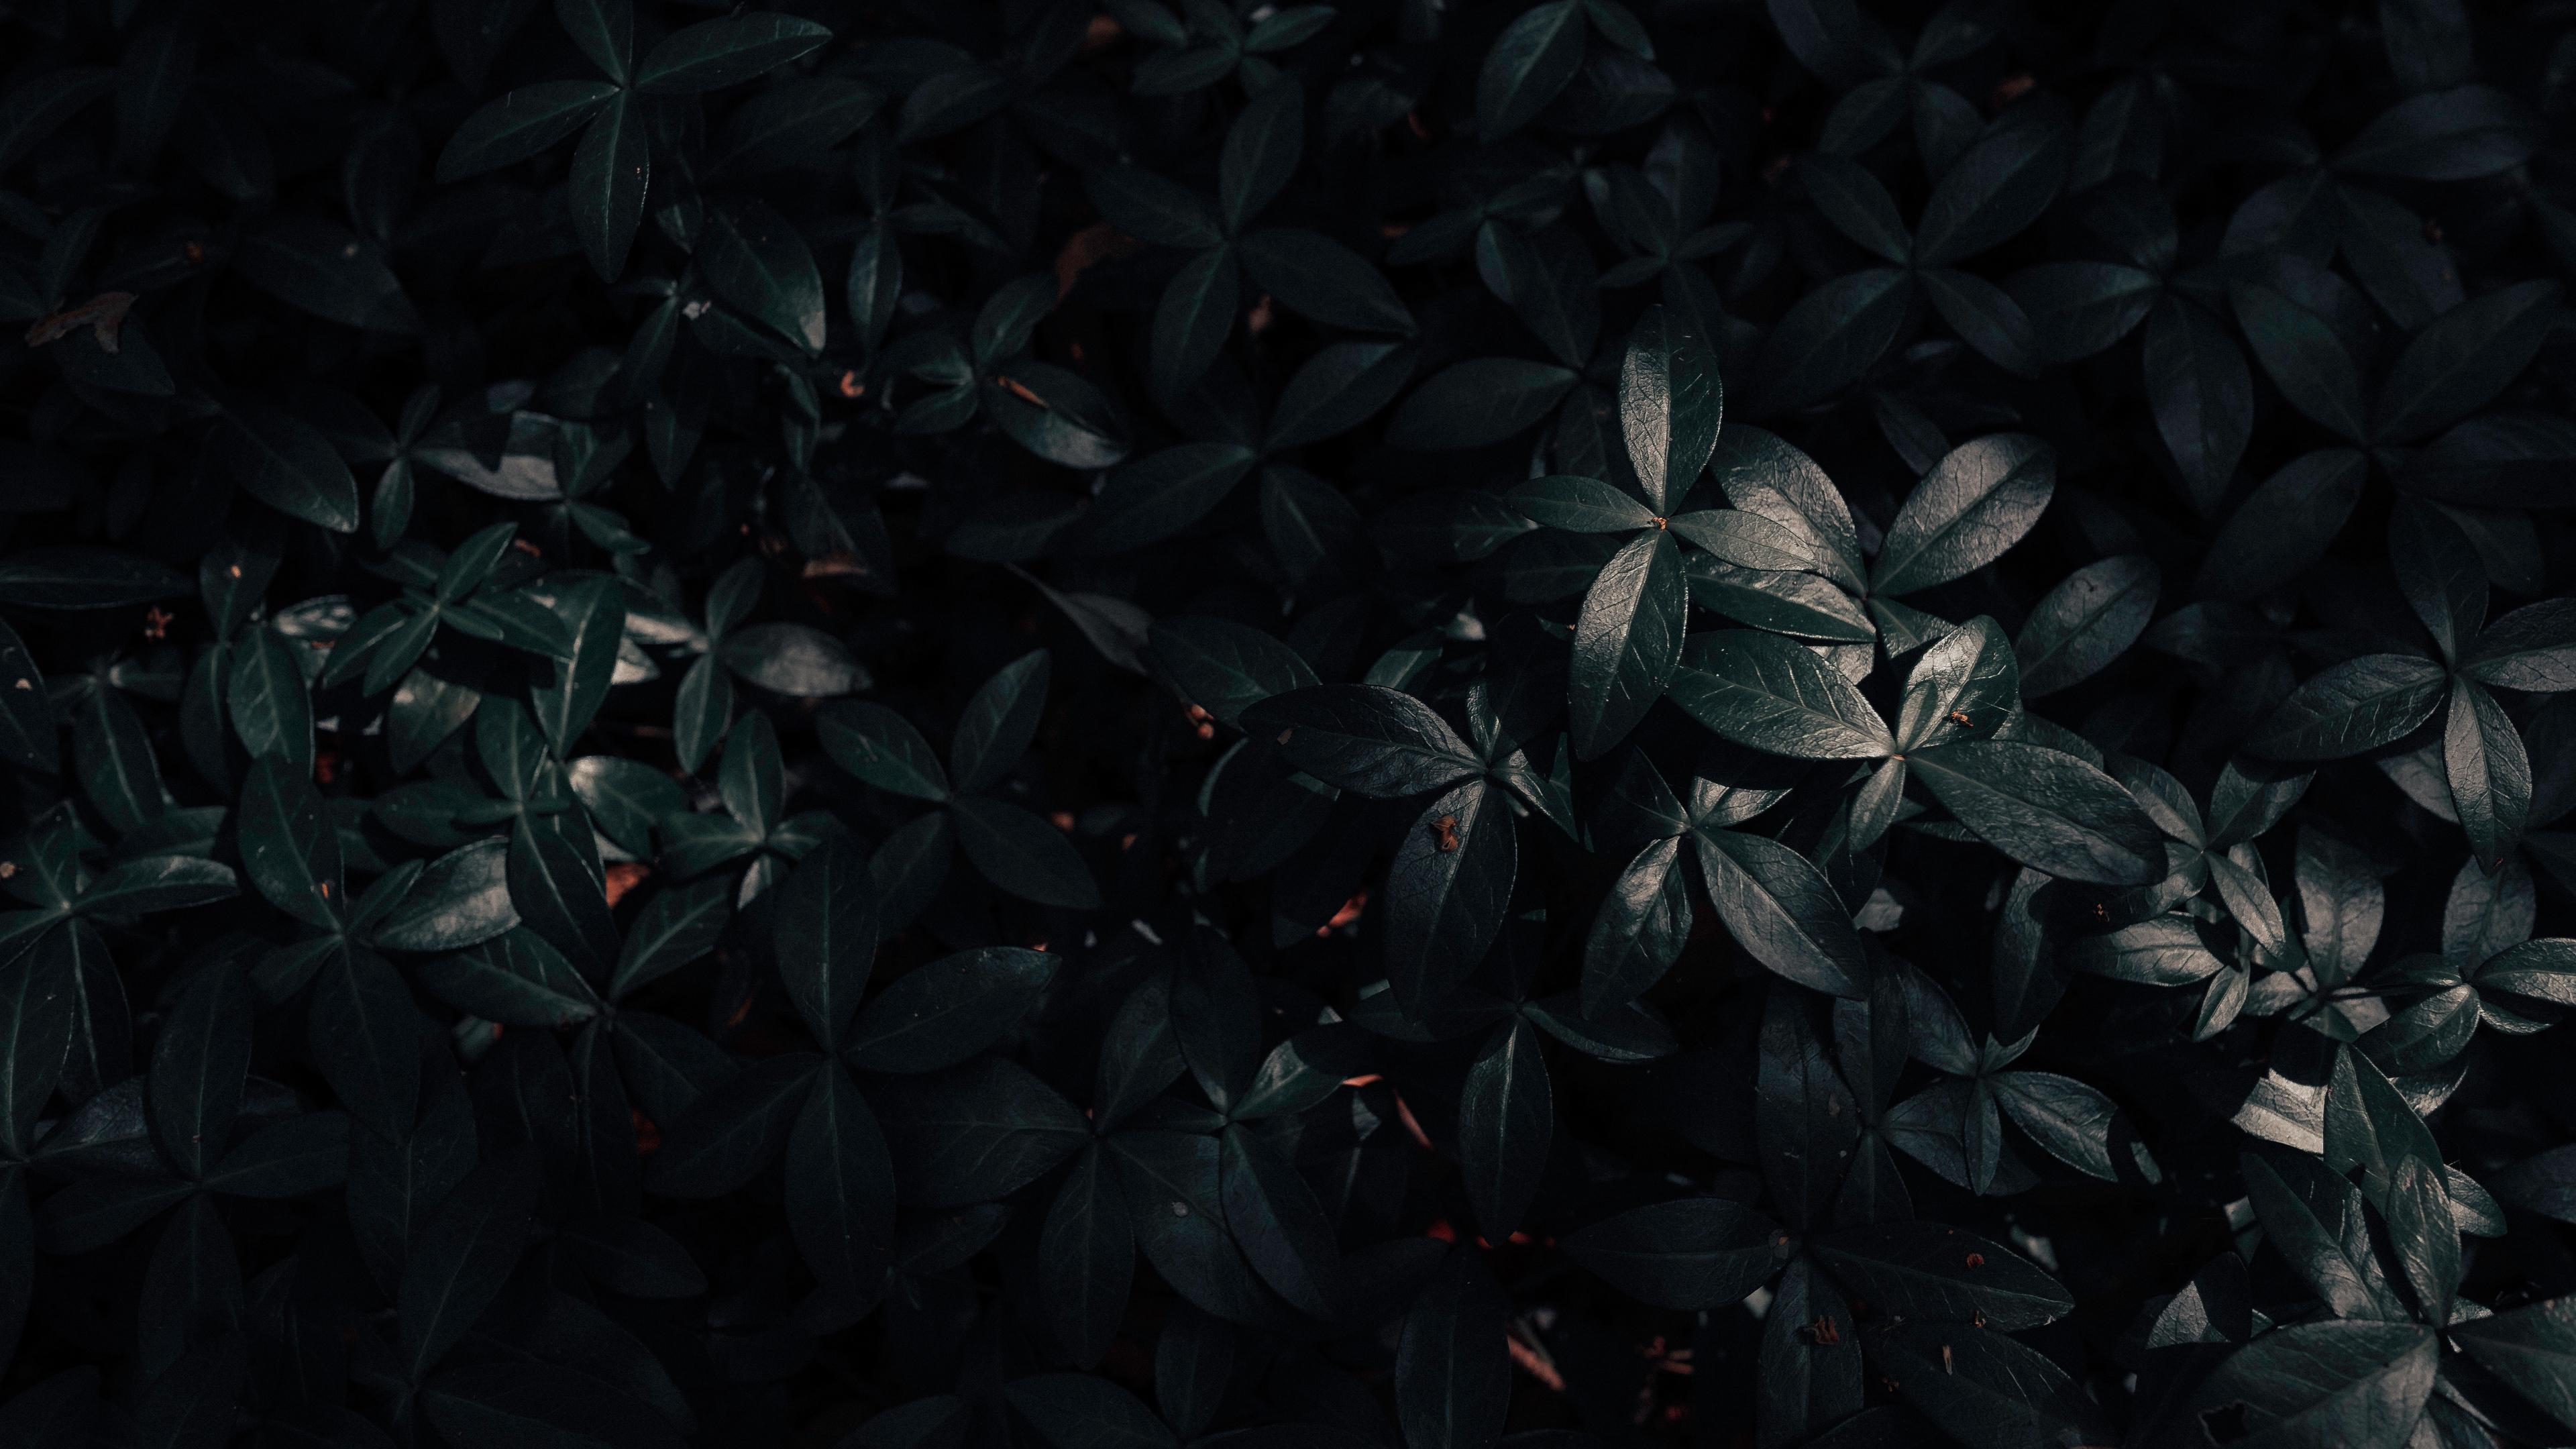 plant leaves dark 4k 1541117135 - plant, leaves, dark 4k - Plant, Leaves, Dark